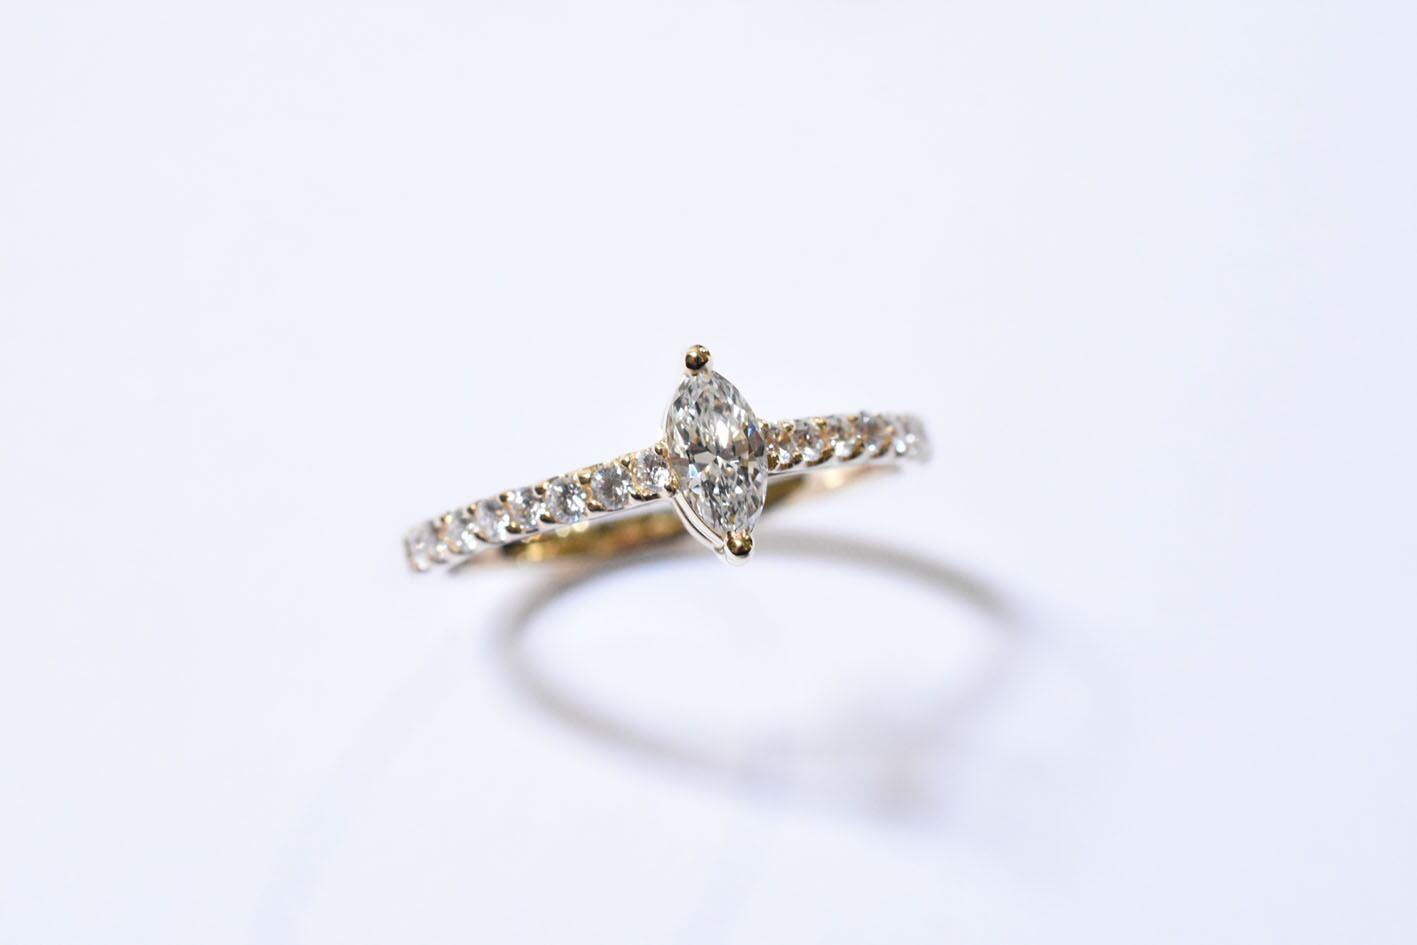 マーキスカット ダイヤモンドリング  0.212ct / D / VVS-1 / K18YG